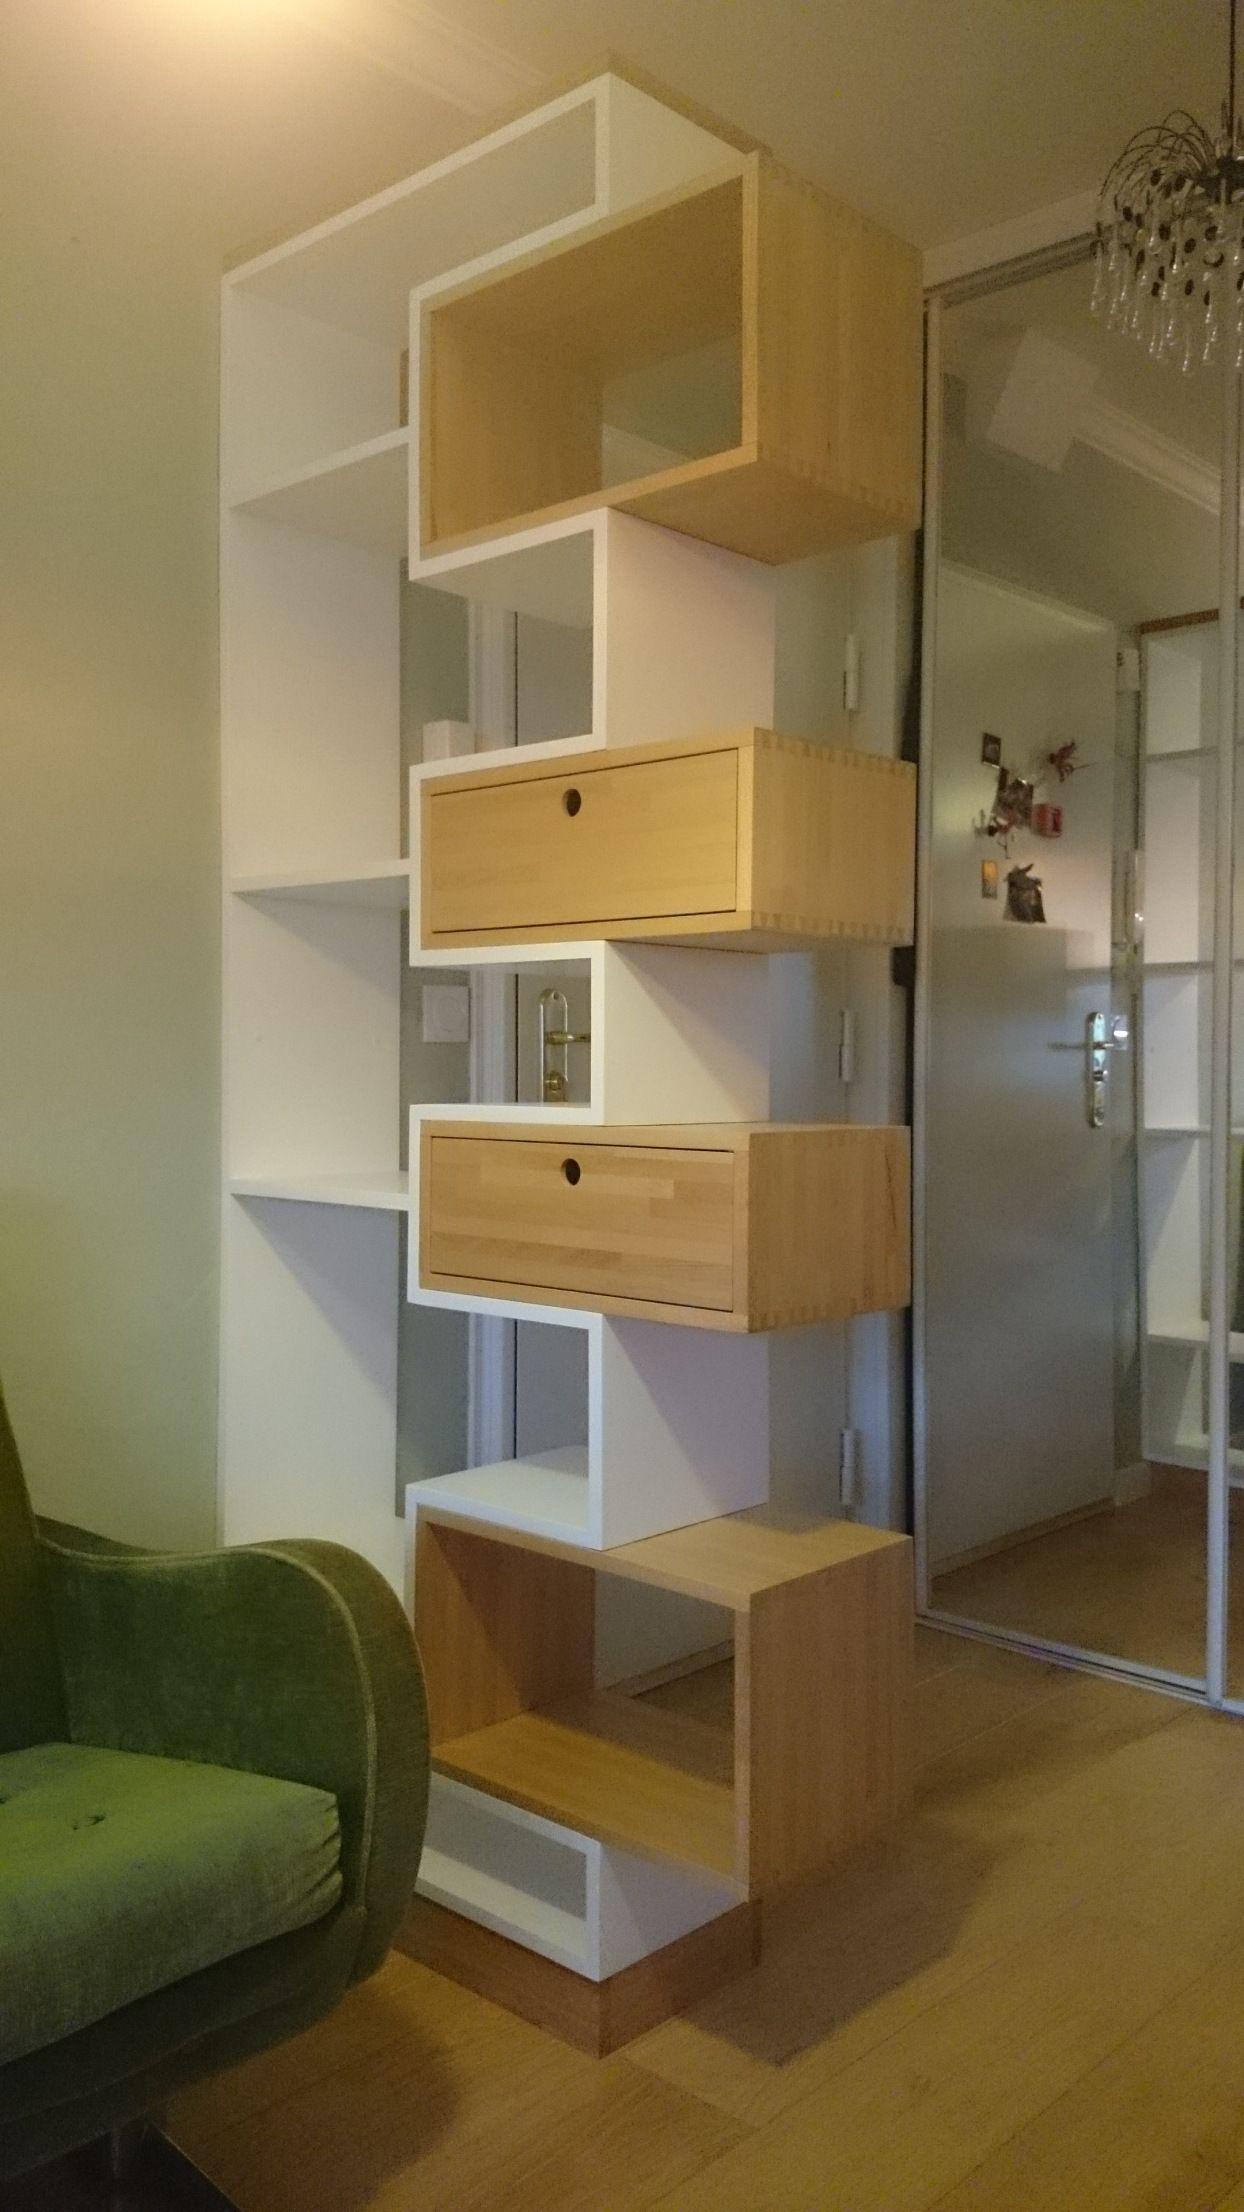 Petit Meuble De Separation meuble filtre | meuble, meuble de separation et idées de meubles